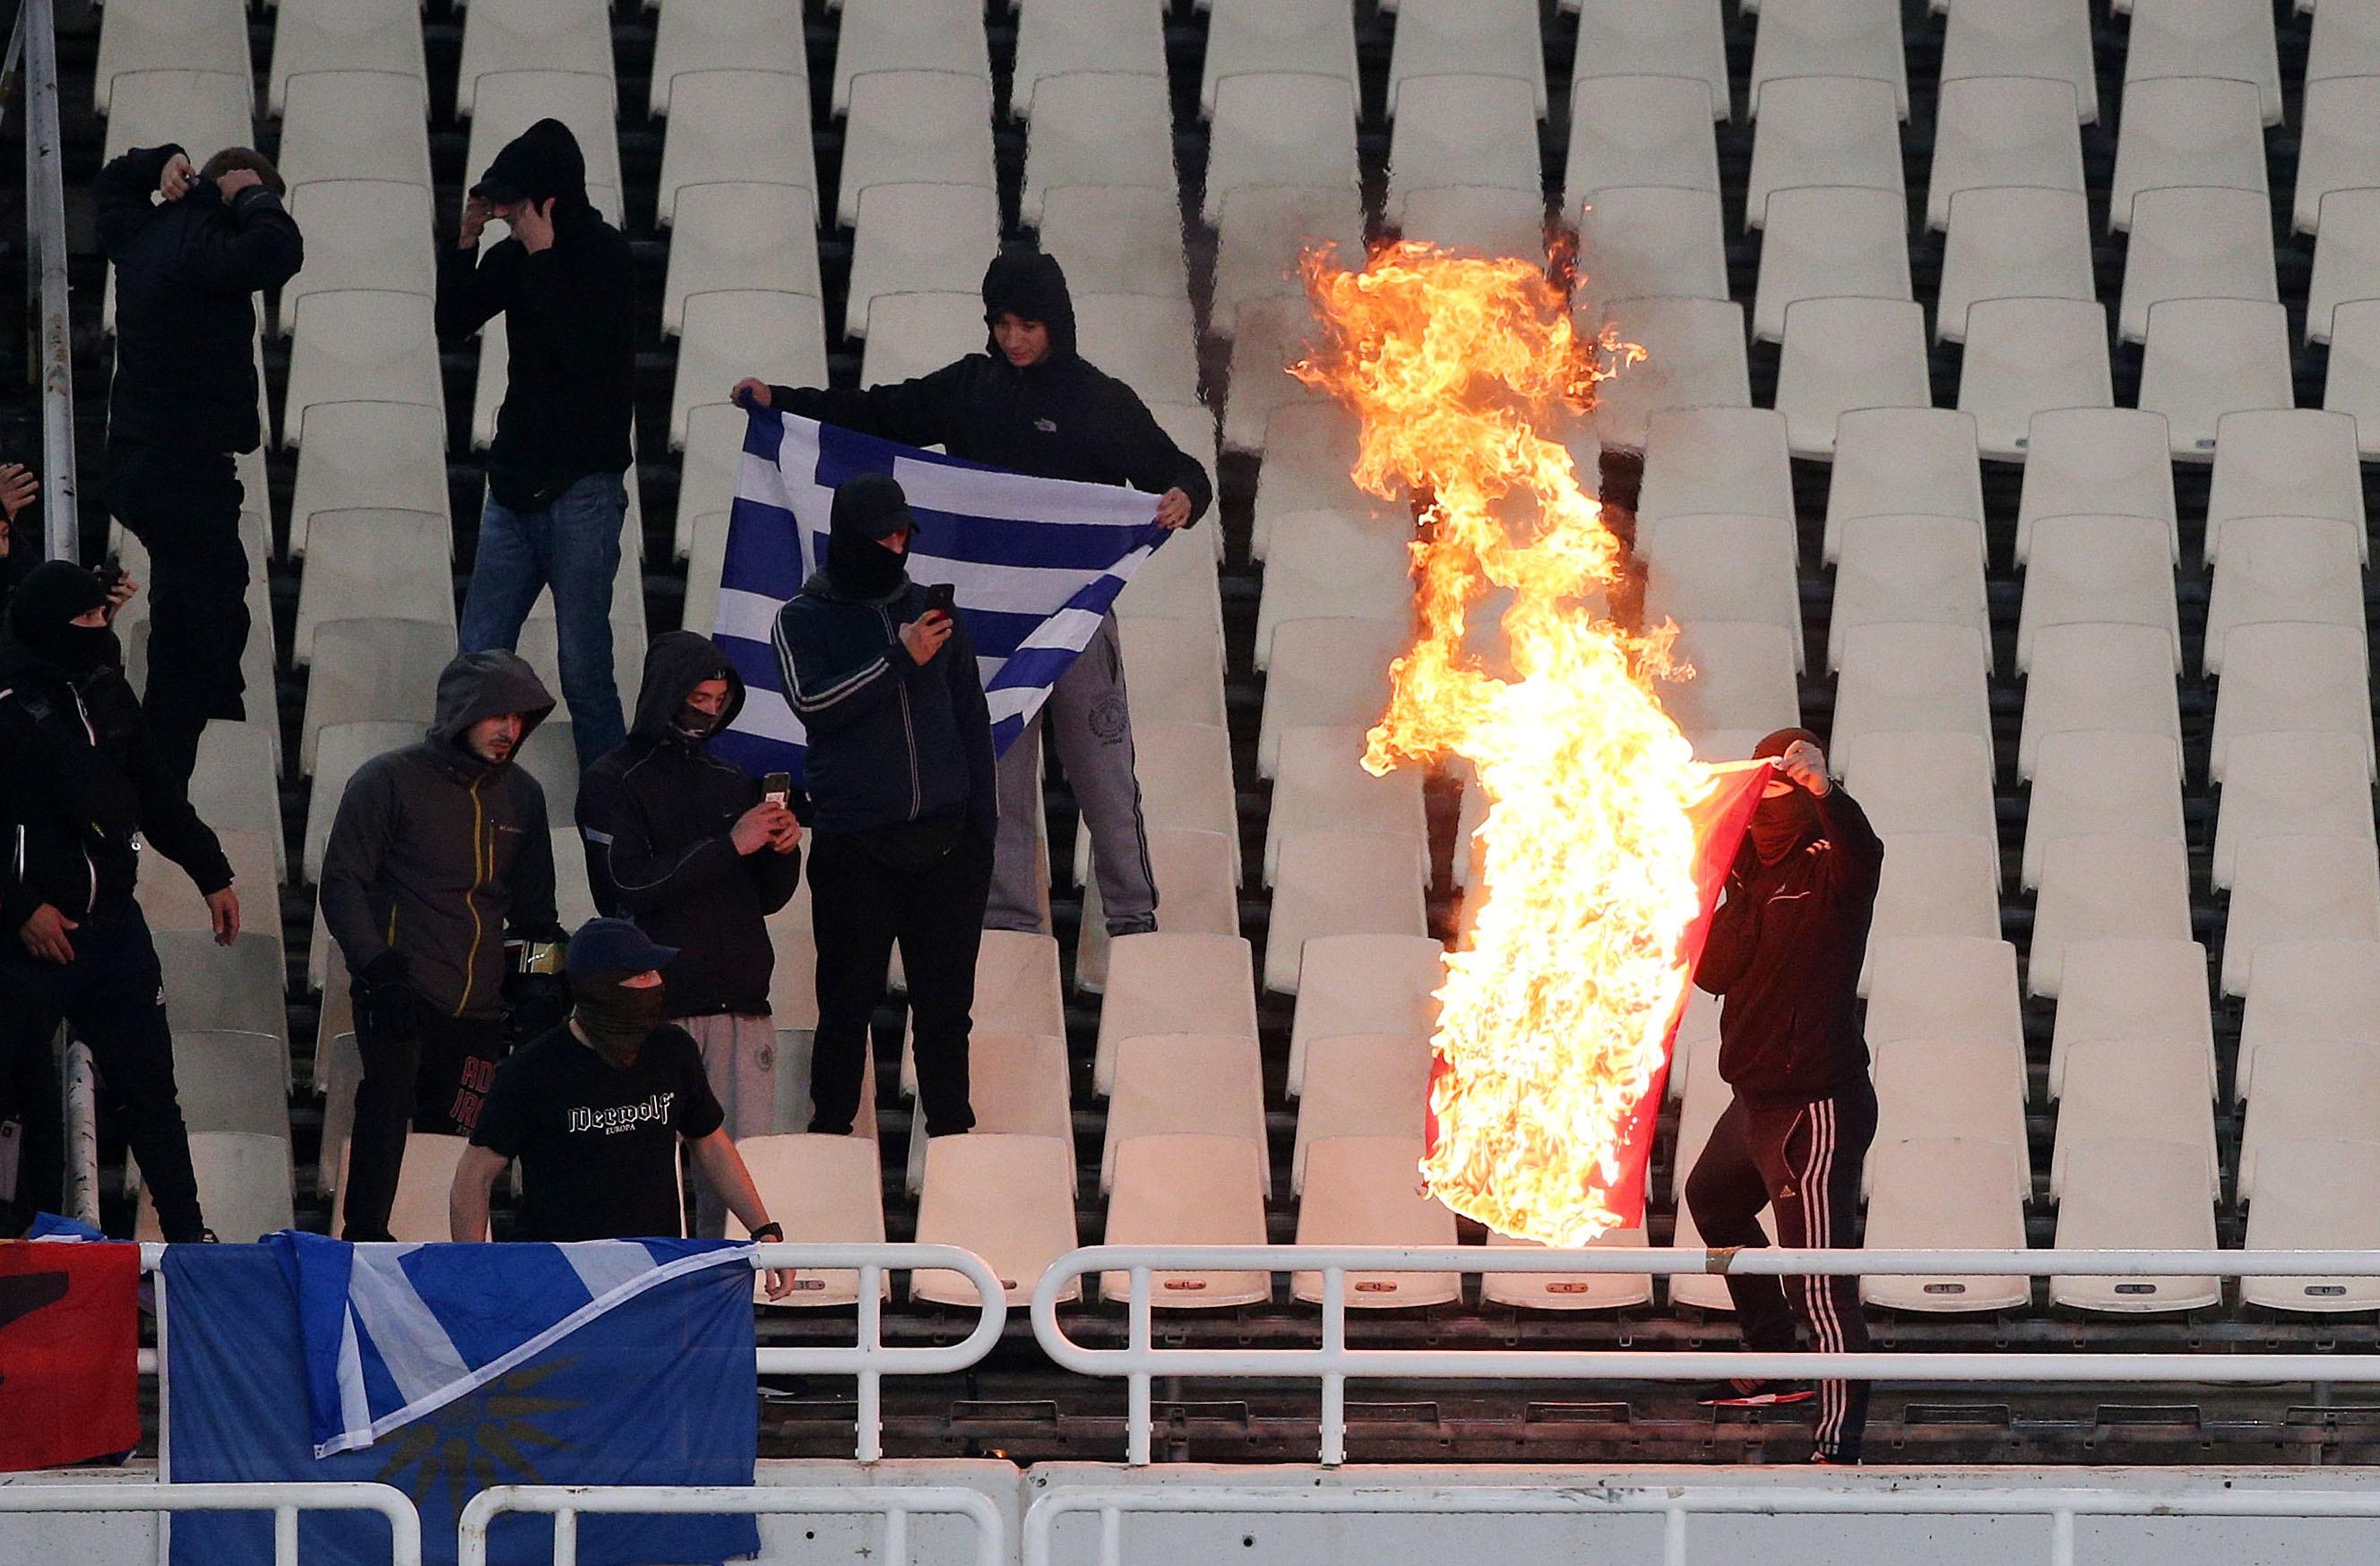 Εθνική ομάδα: Ξεκινάει έρευνα η UEFA για τα ναζιστικά σύμβολα